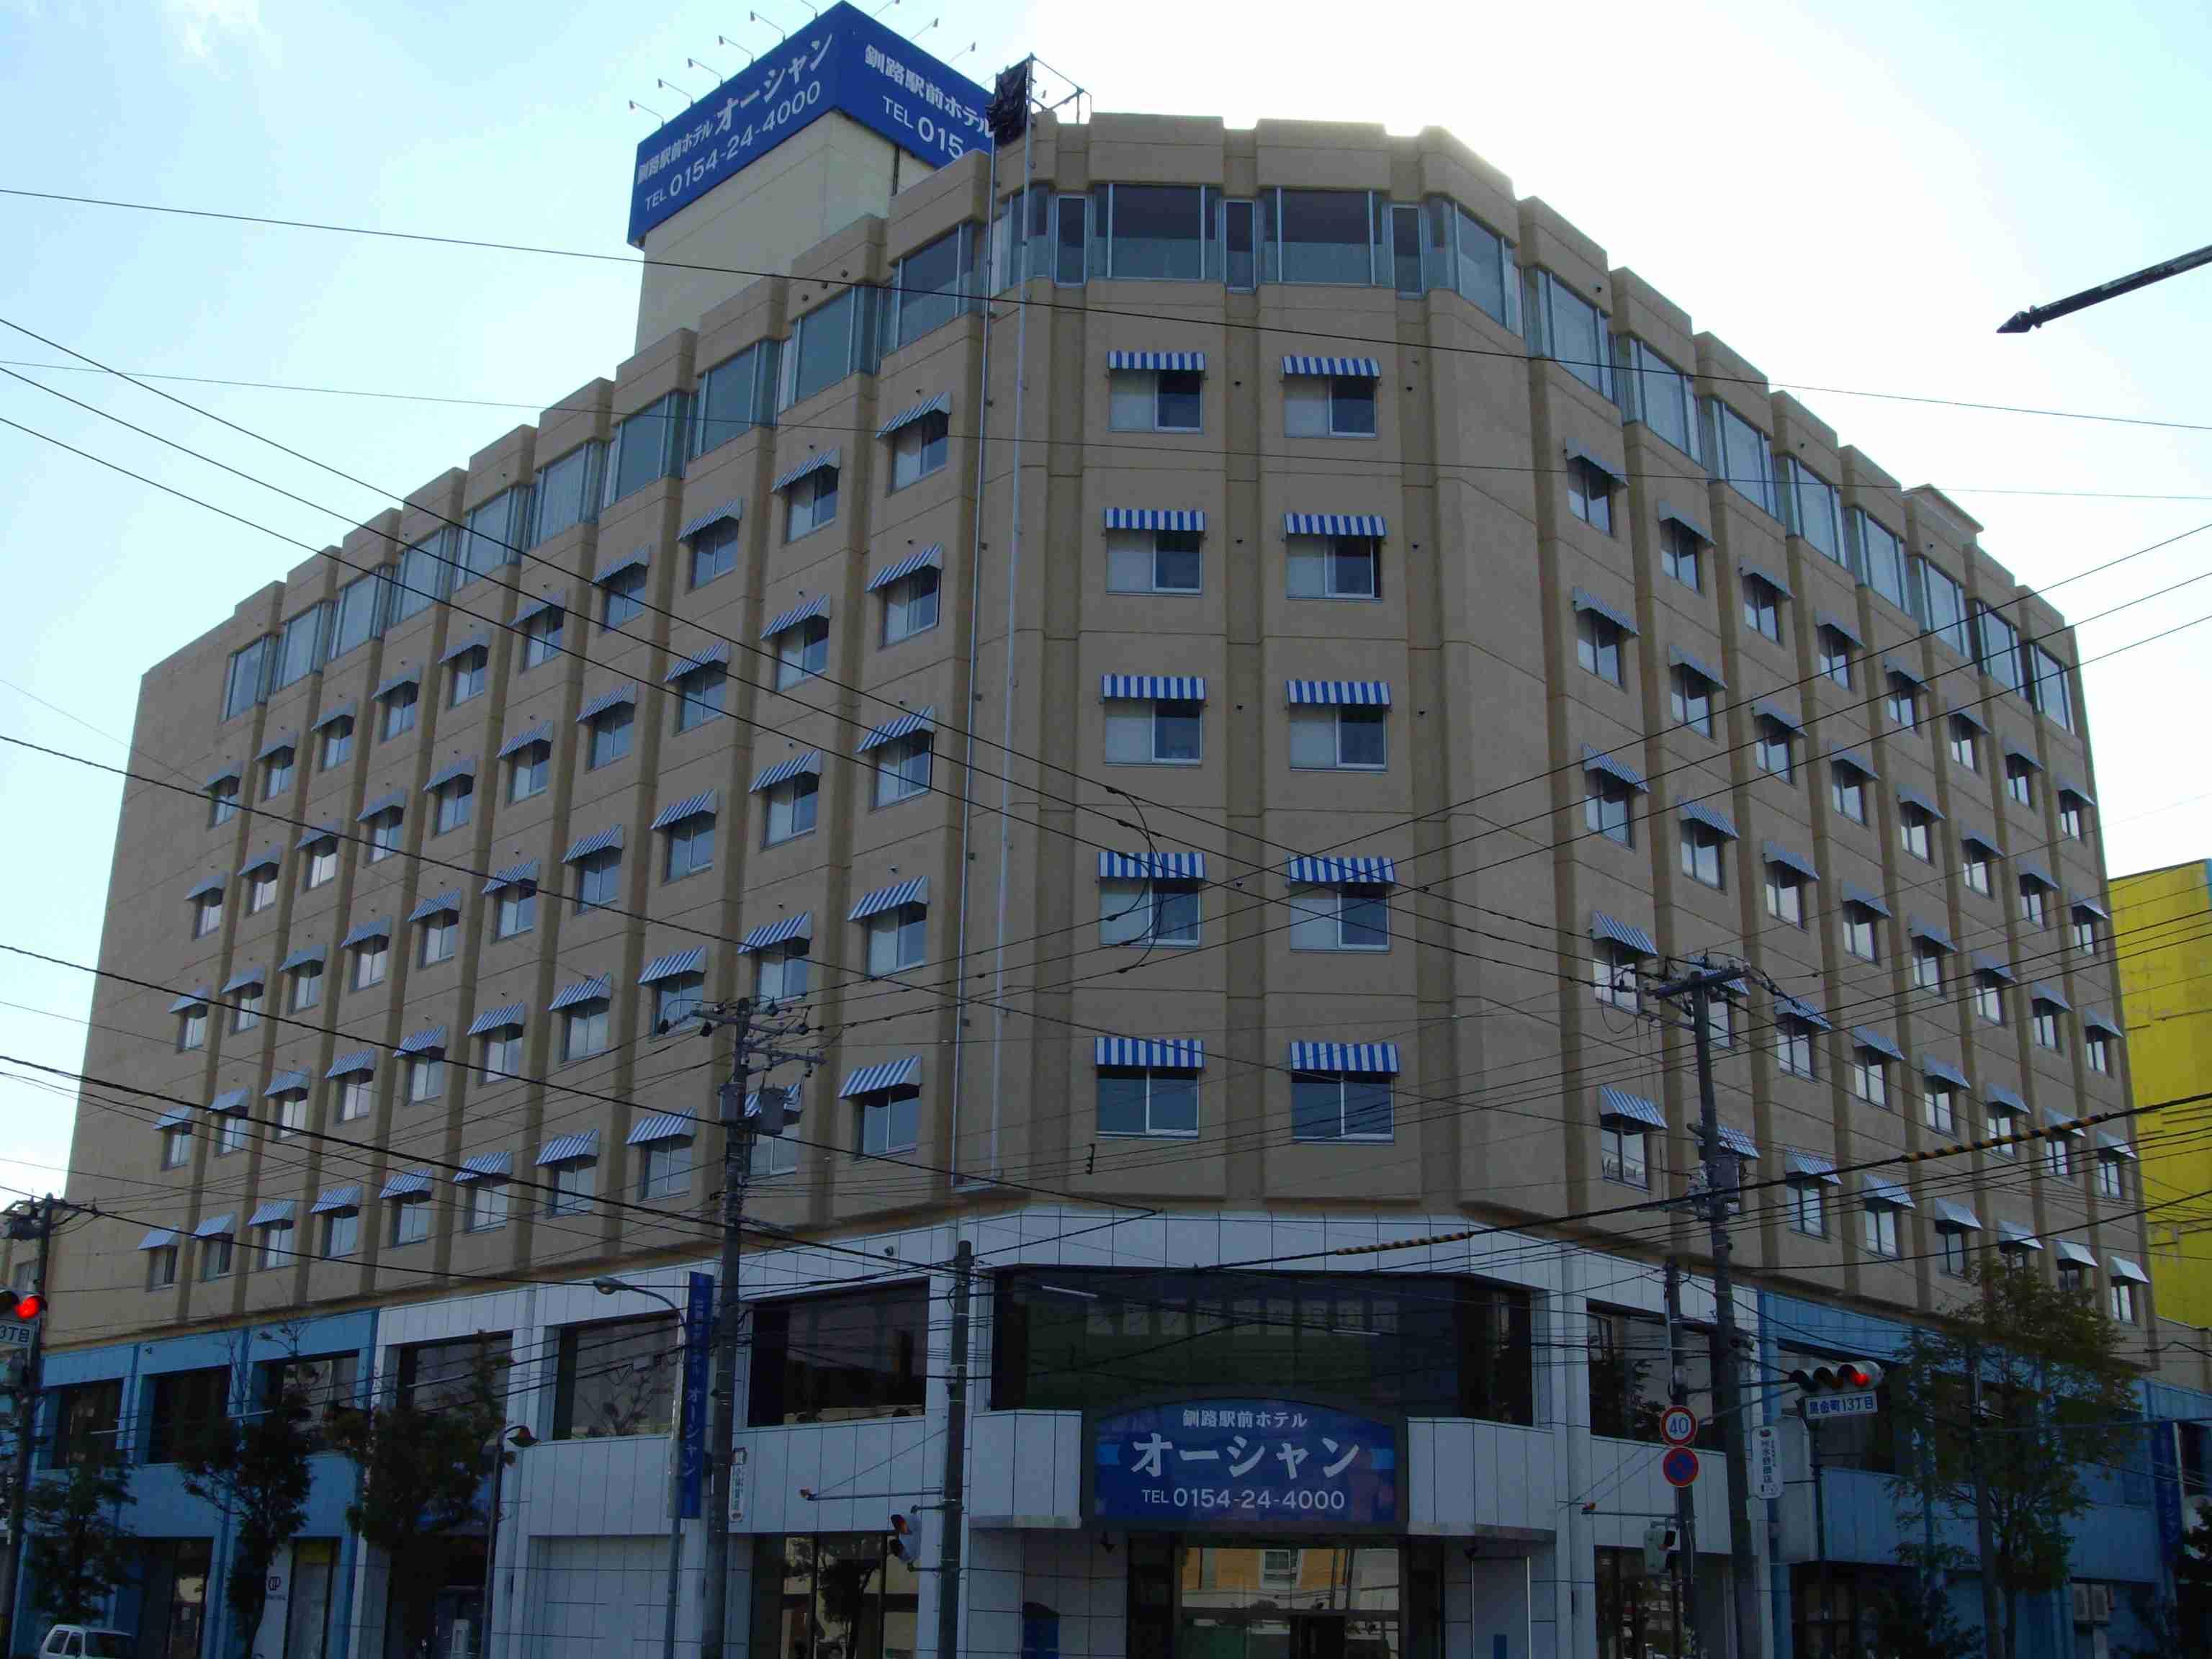 JR釧路駅から徒歩2分、隣には和商市場があり立地最高。8階には展望浴場あり!(男女時間交代制)